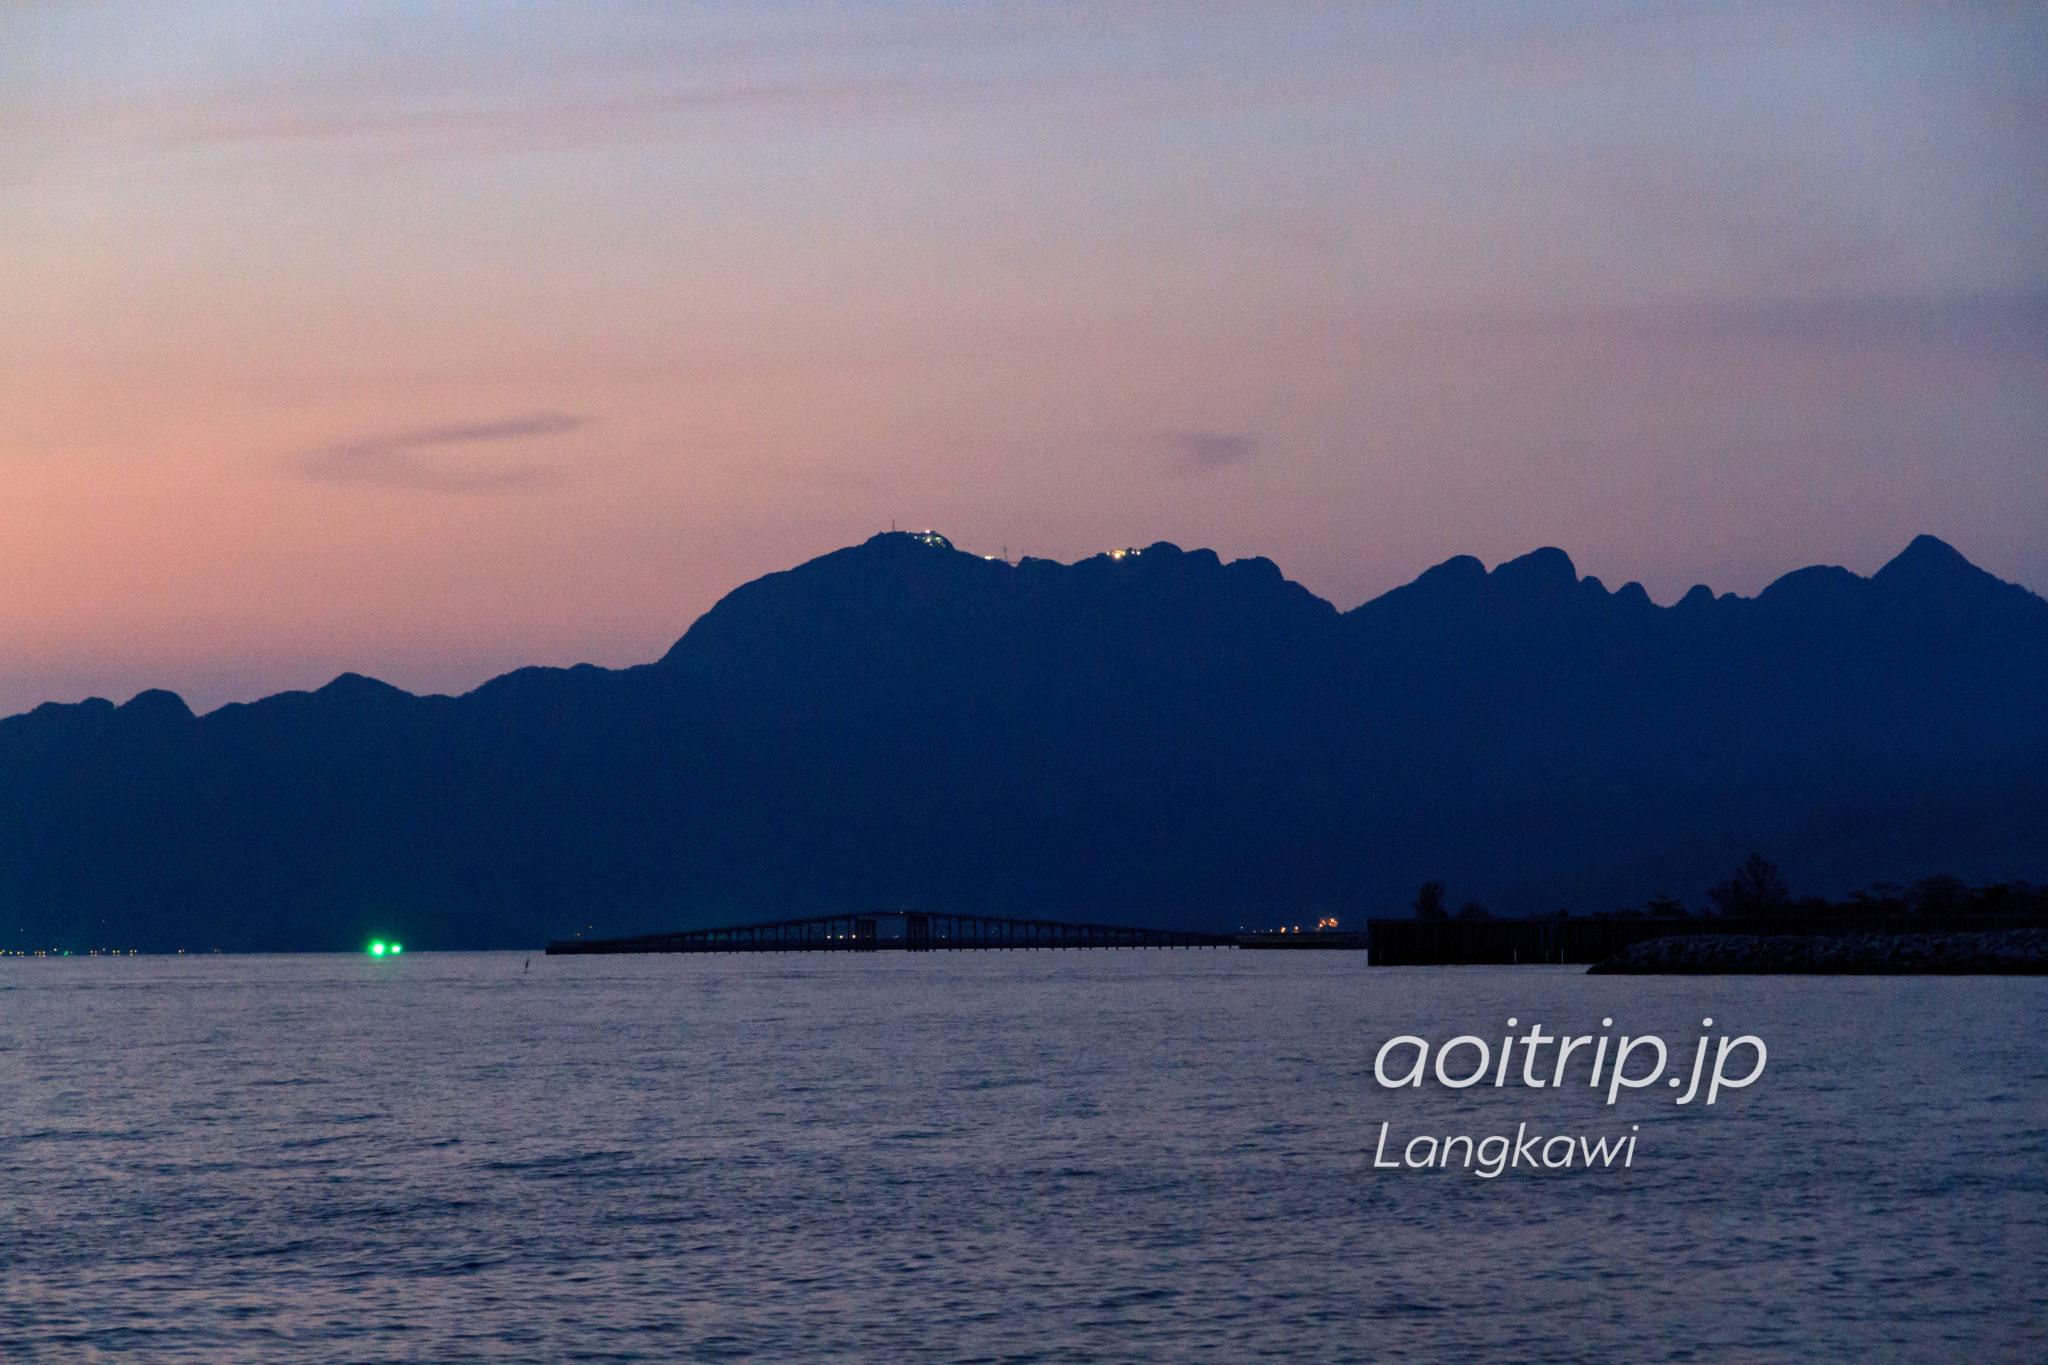 セナンビーチから望むランカウイケーブルカーの夜景